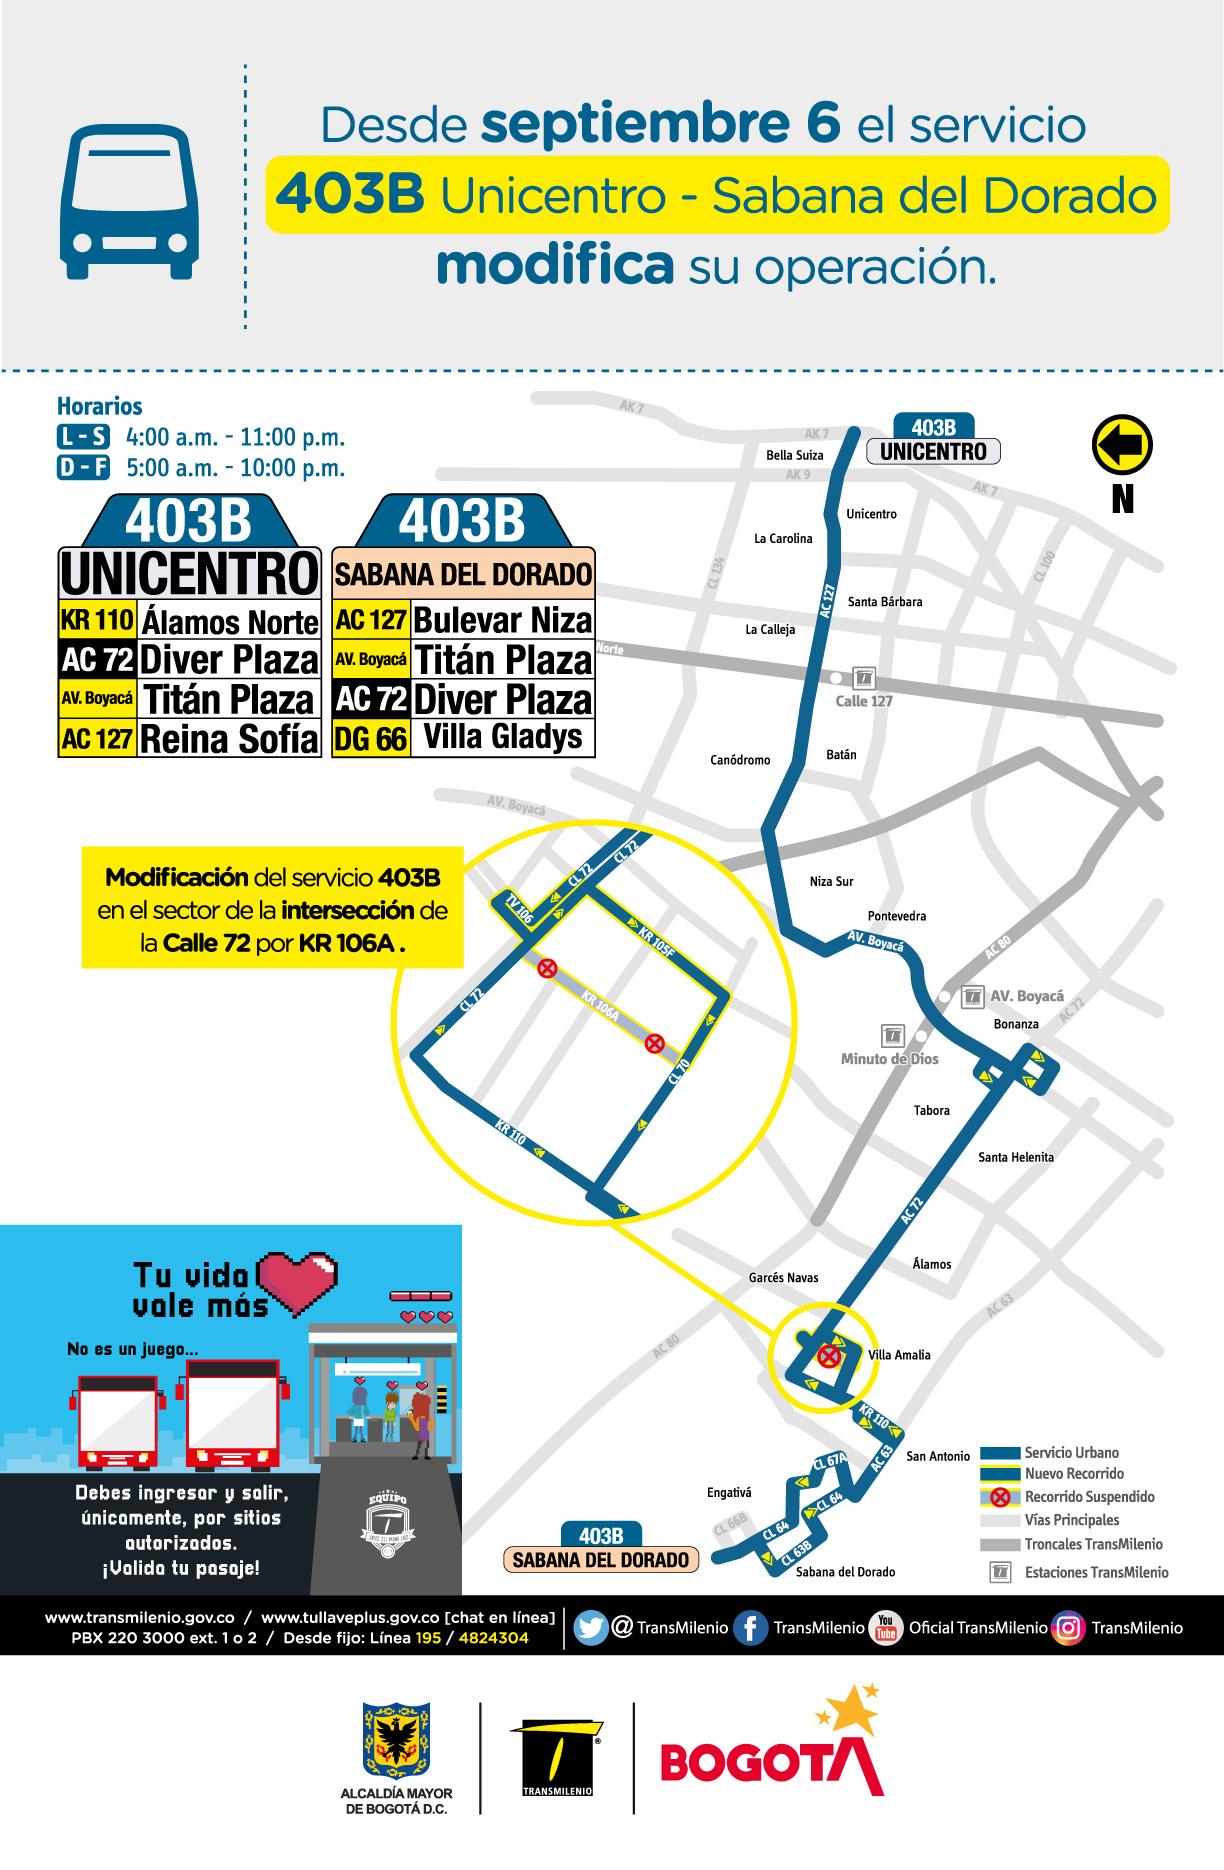 Servicio zonal 403B Unicentro - Sabanas del Dorado modifica su operación